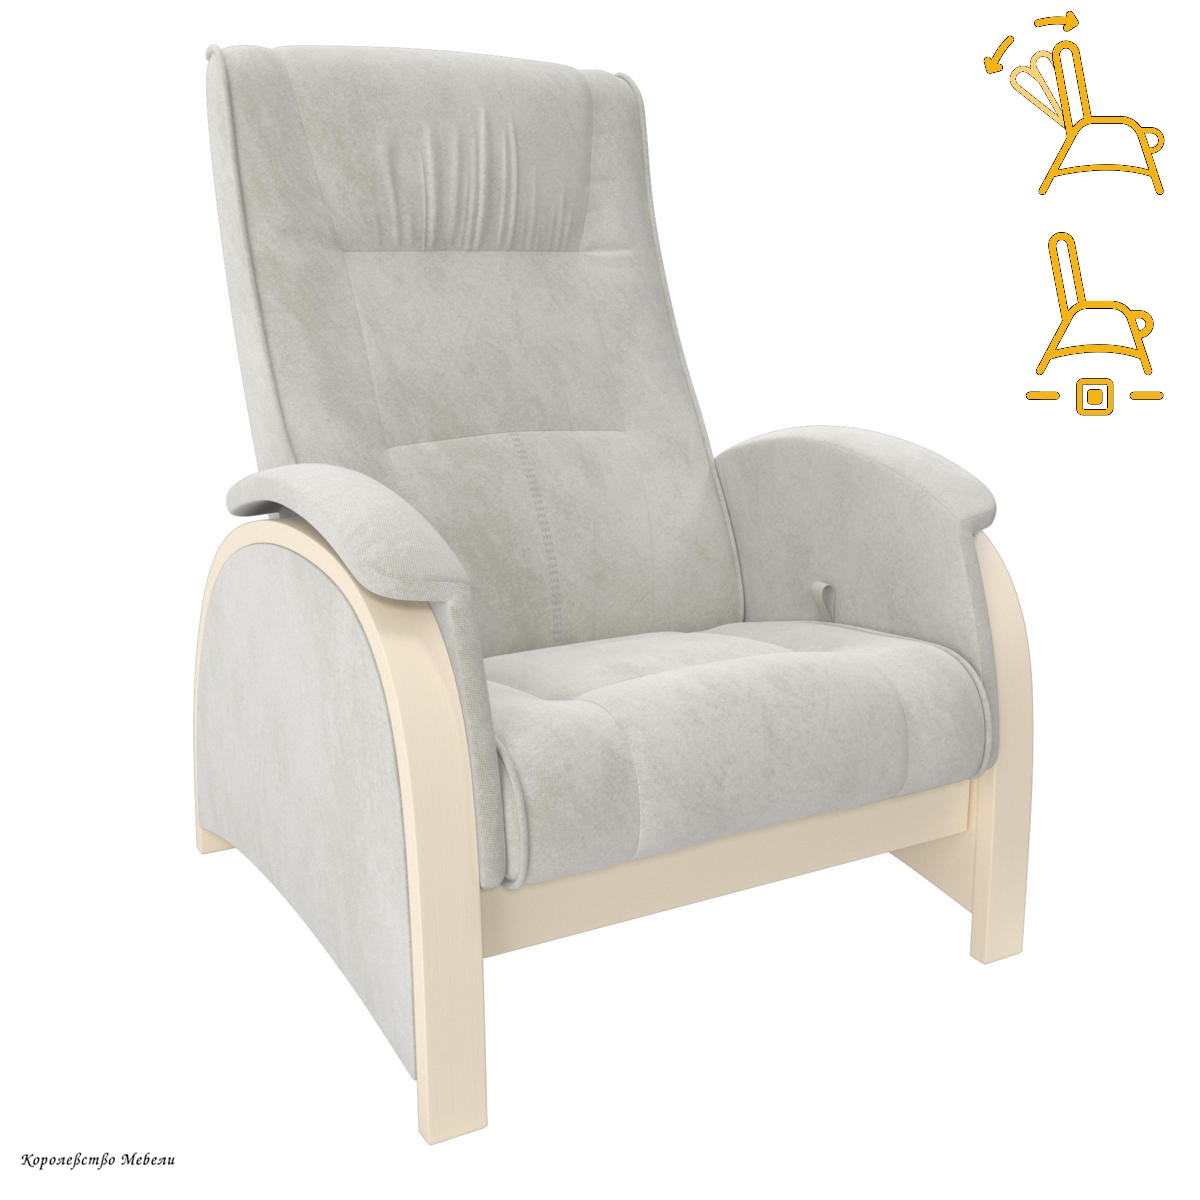 Кресло-глайдер. Модель Balance 2 (раскладное) (шпон)